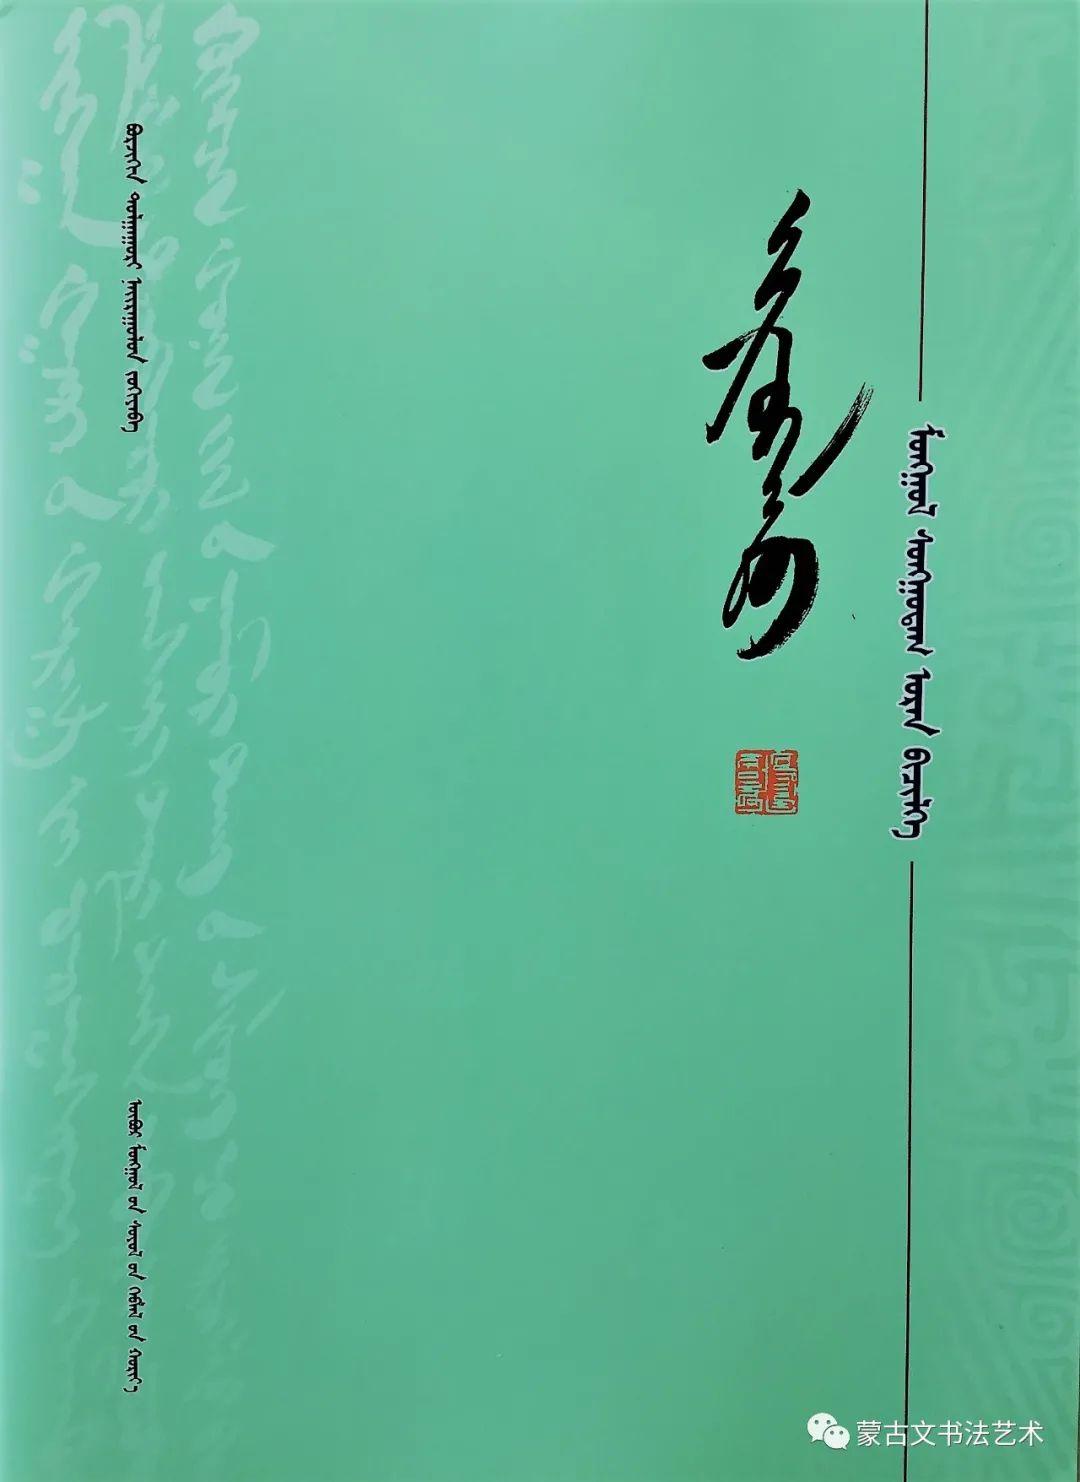 包宝柱《蒙古文经典书法》 第26张